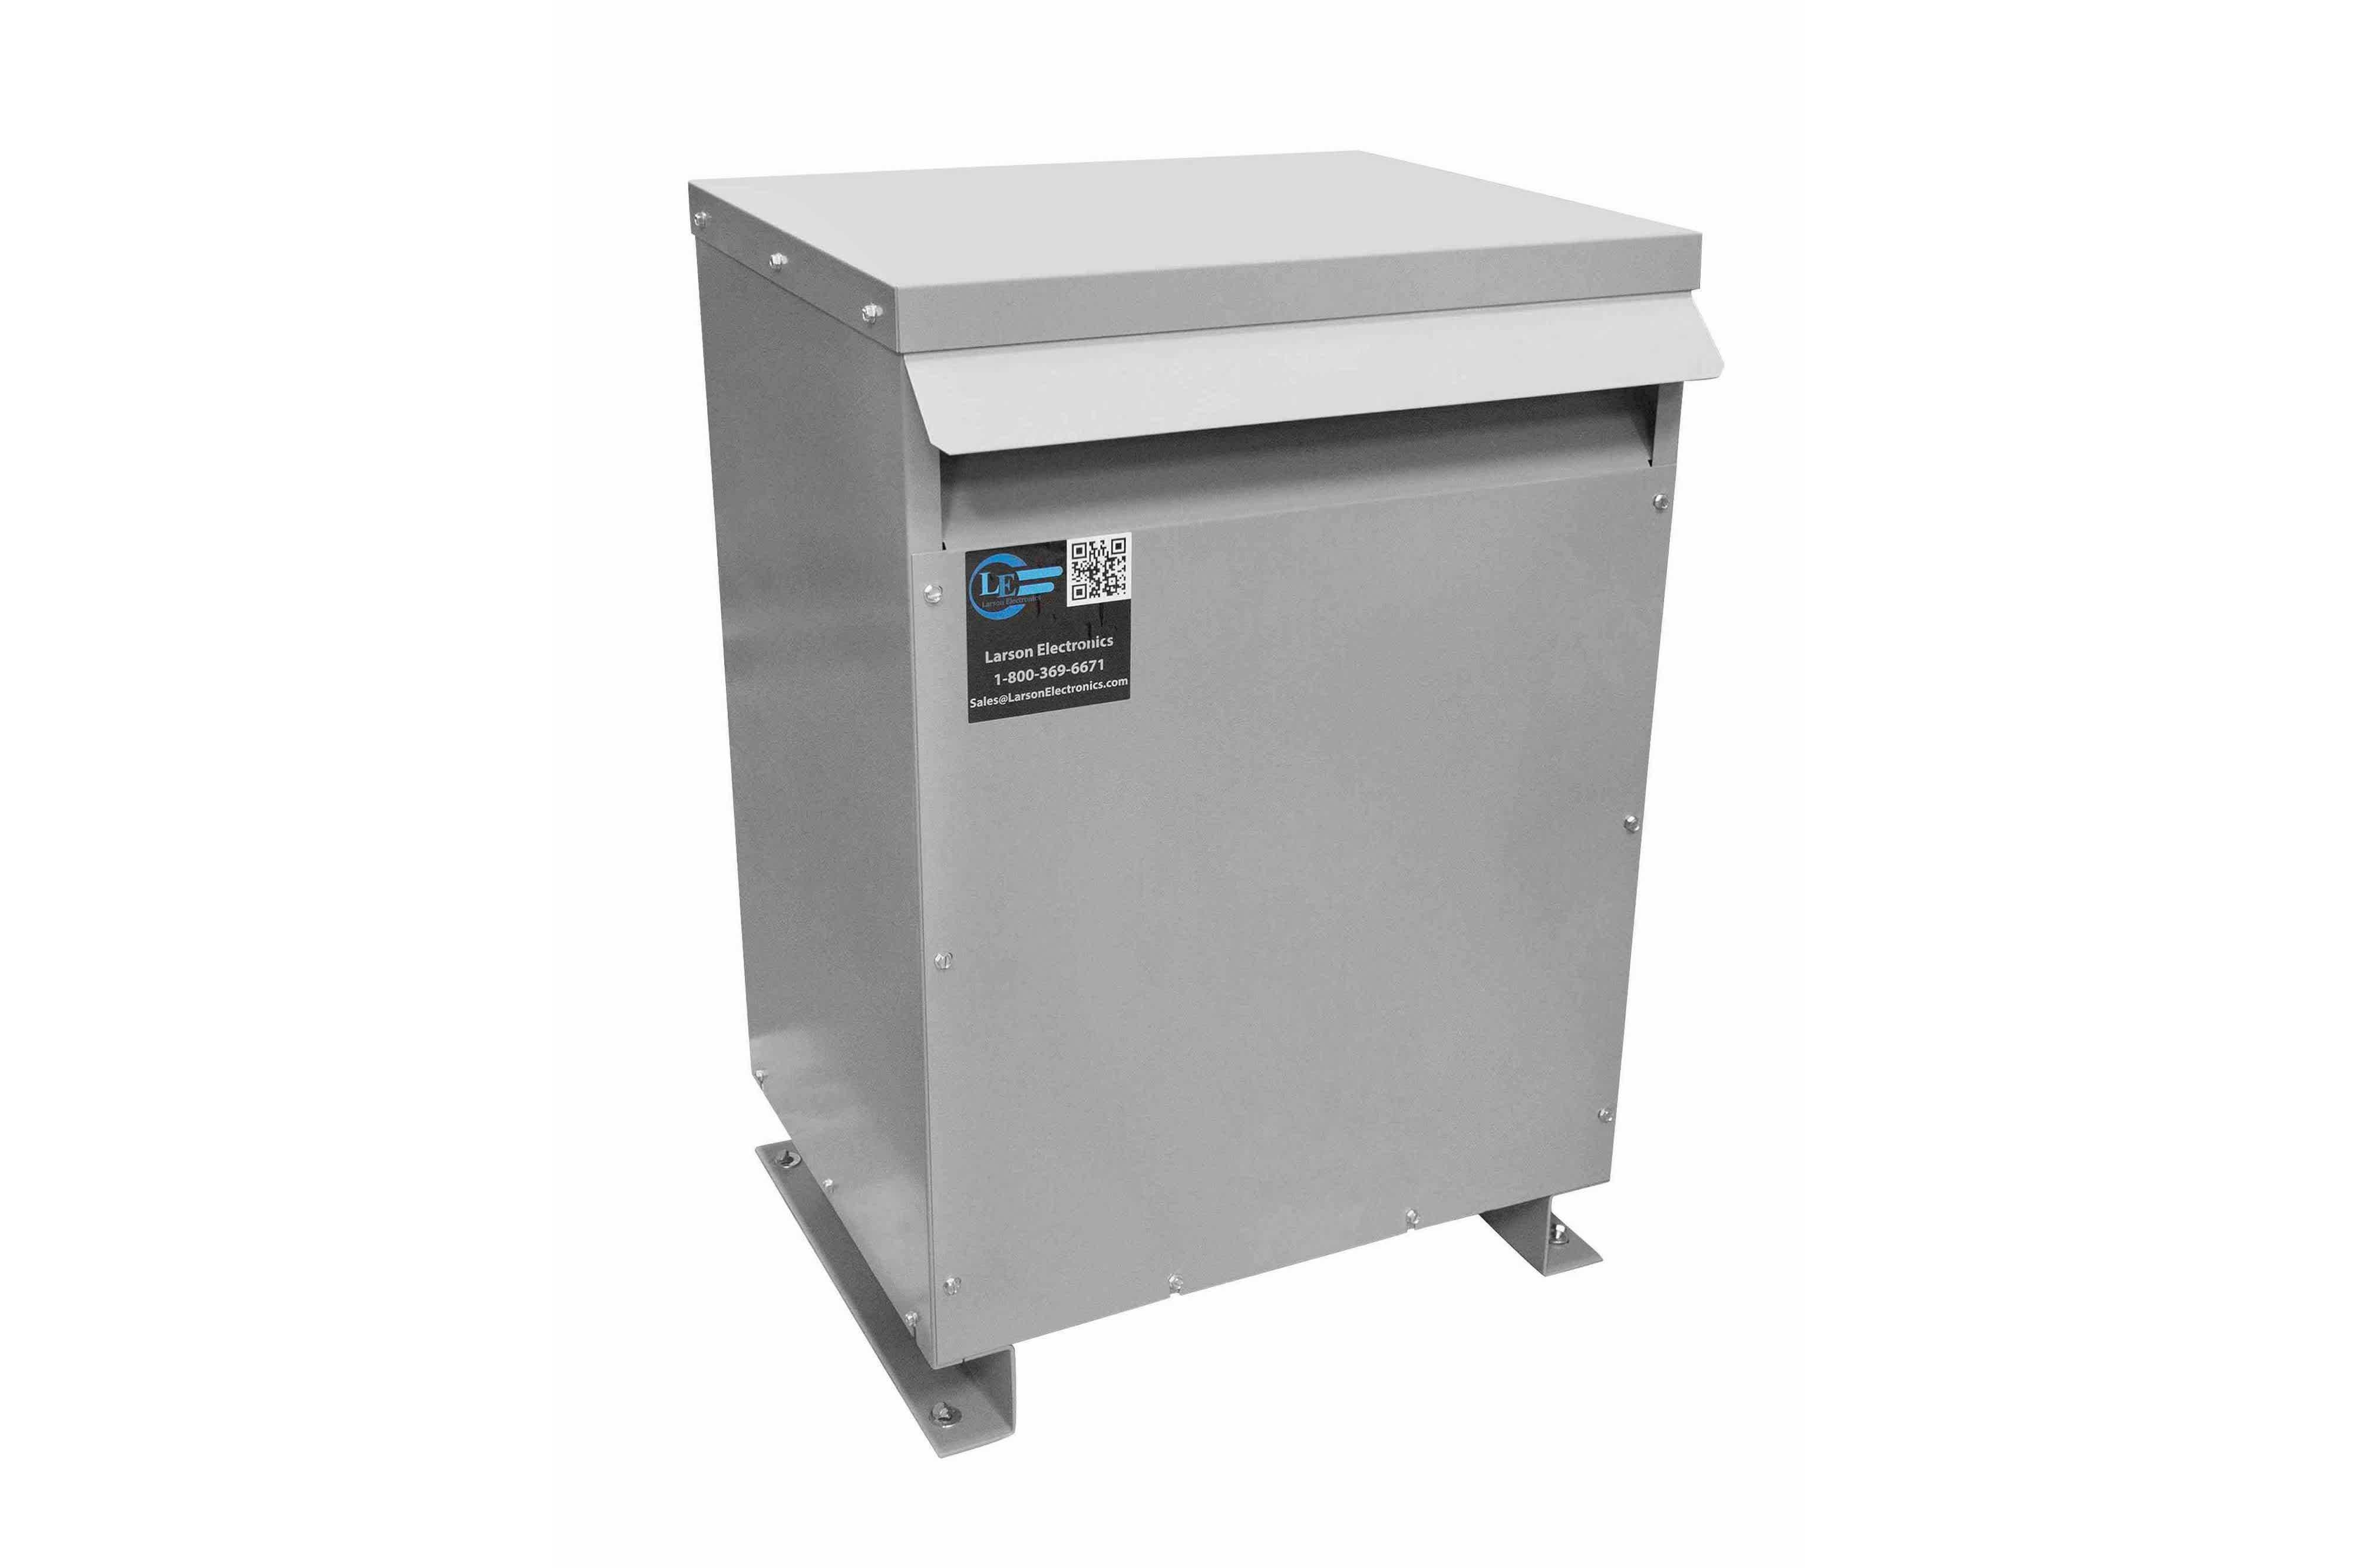 36 kVA 3PH Isolation Transformer, 575V Delta Primary, 480V Delta Secondary, N3R, Ventilated, 60 Hz